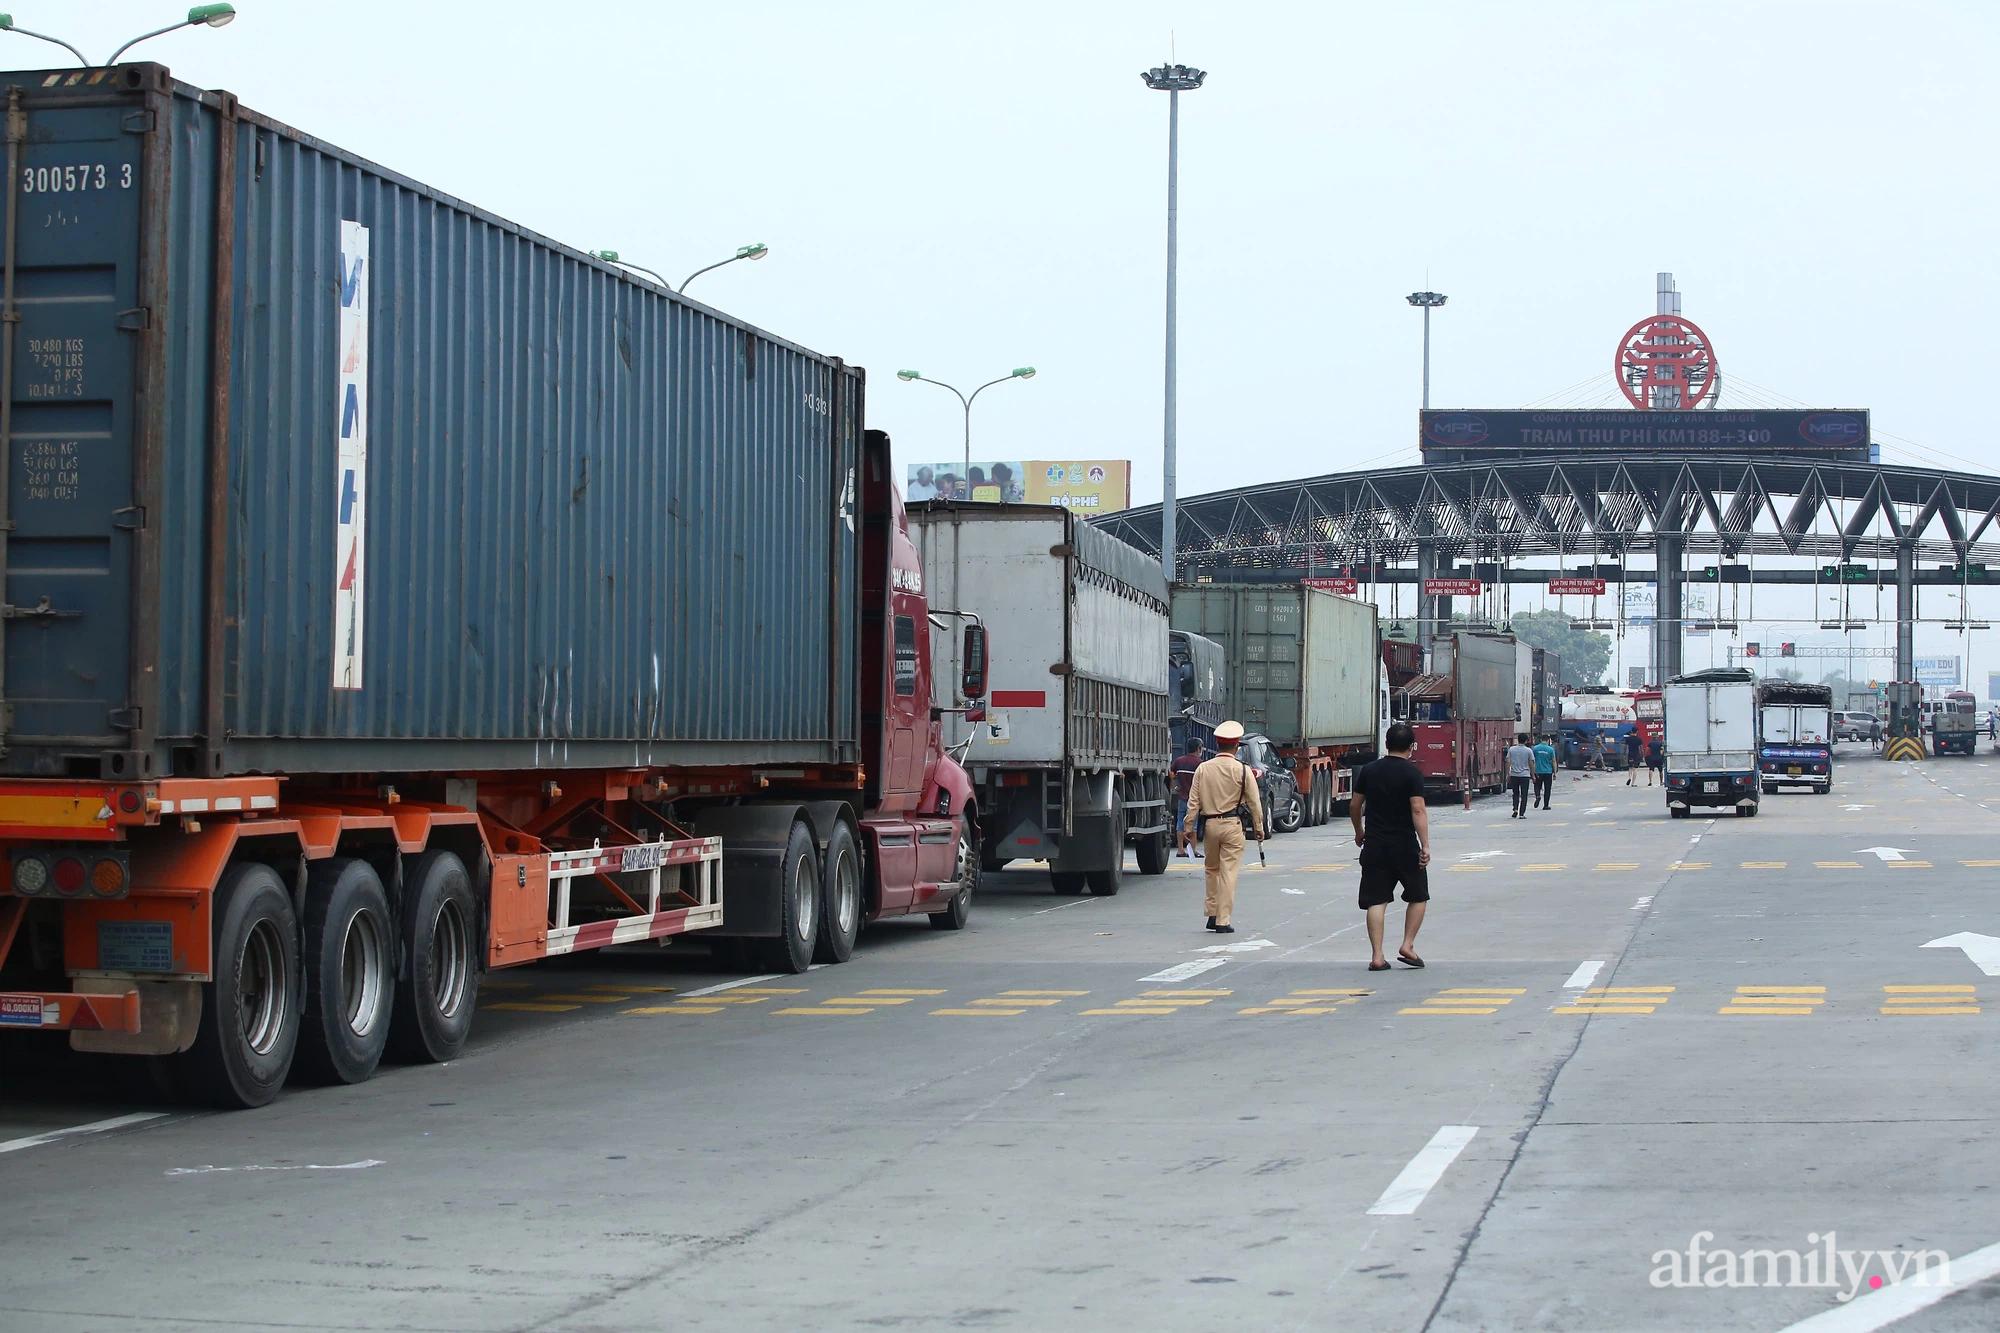 Hà Nội chỉ đạo khẩn để làm giảm ùn tắc ở 22 chốt kiểm dịch ra vào cửa ngõ Thủ đô - Ảnh 2.